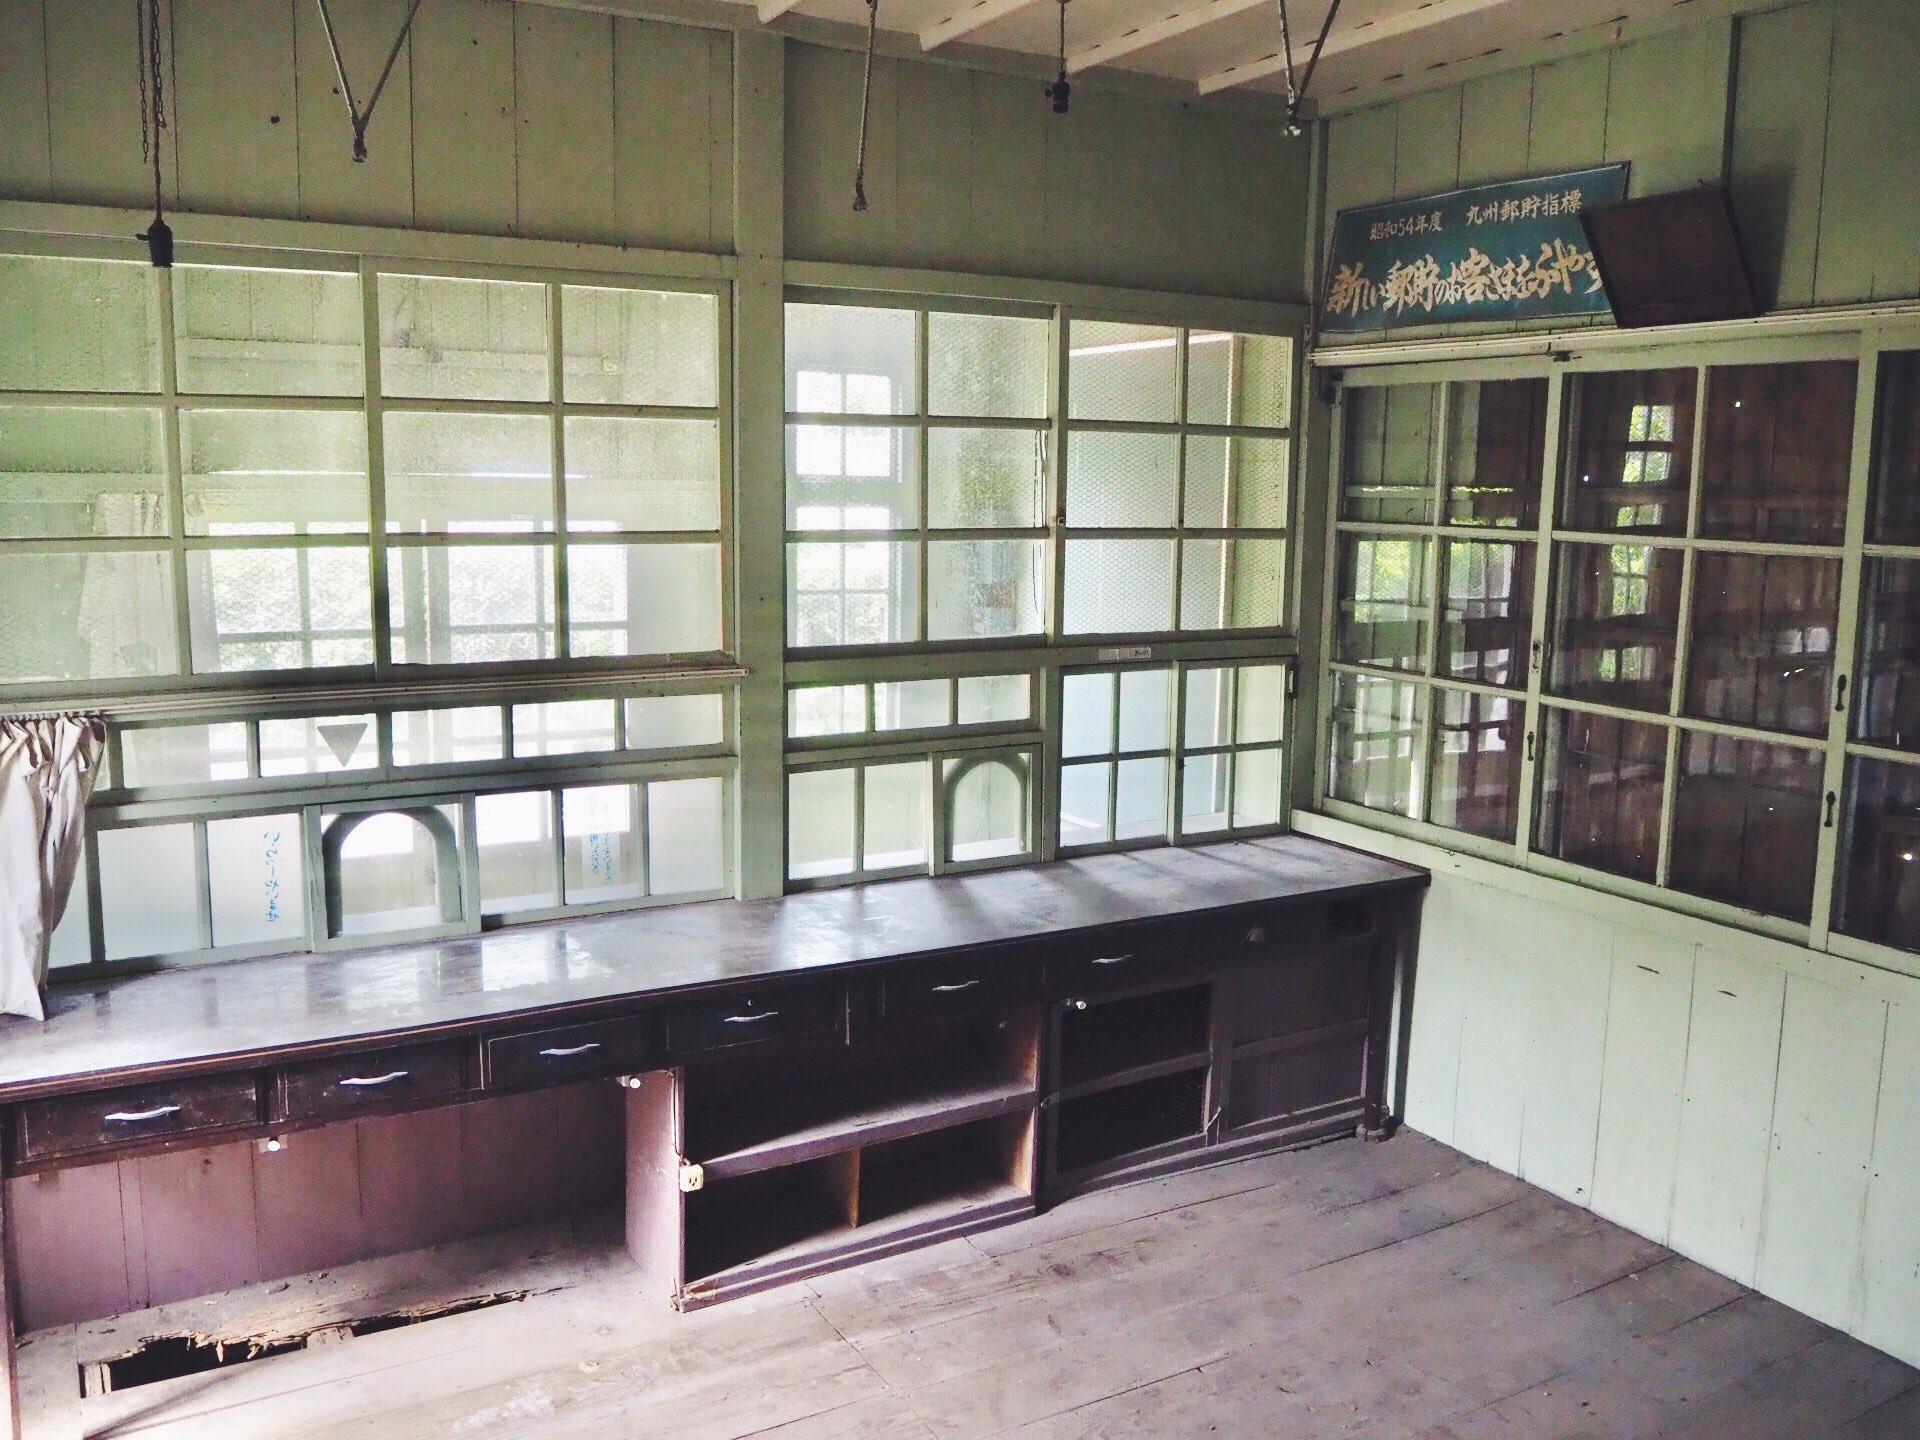 【エモすぎる古民家物件情報】<br>鹿児島県枕崎市の住居付き旧郵便局が売りに出ました!!!!築およそ100年。明治時代の面影を残す素敵な建築物に住んでみませんか、、!リノベしてカフェなんかやっちゃったりしませんか、、!!!なんと土地付き100万、改修しても500万ほどです😂😂😂